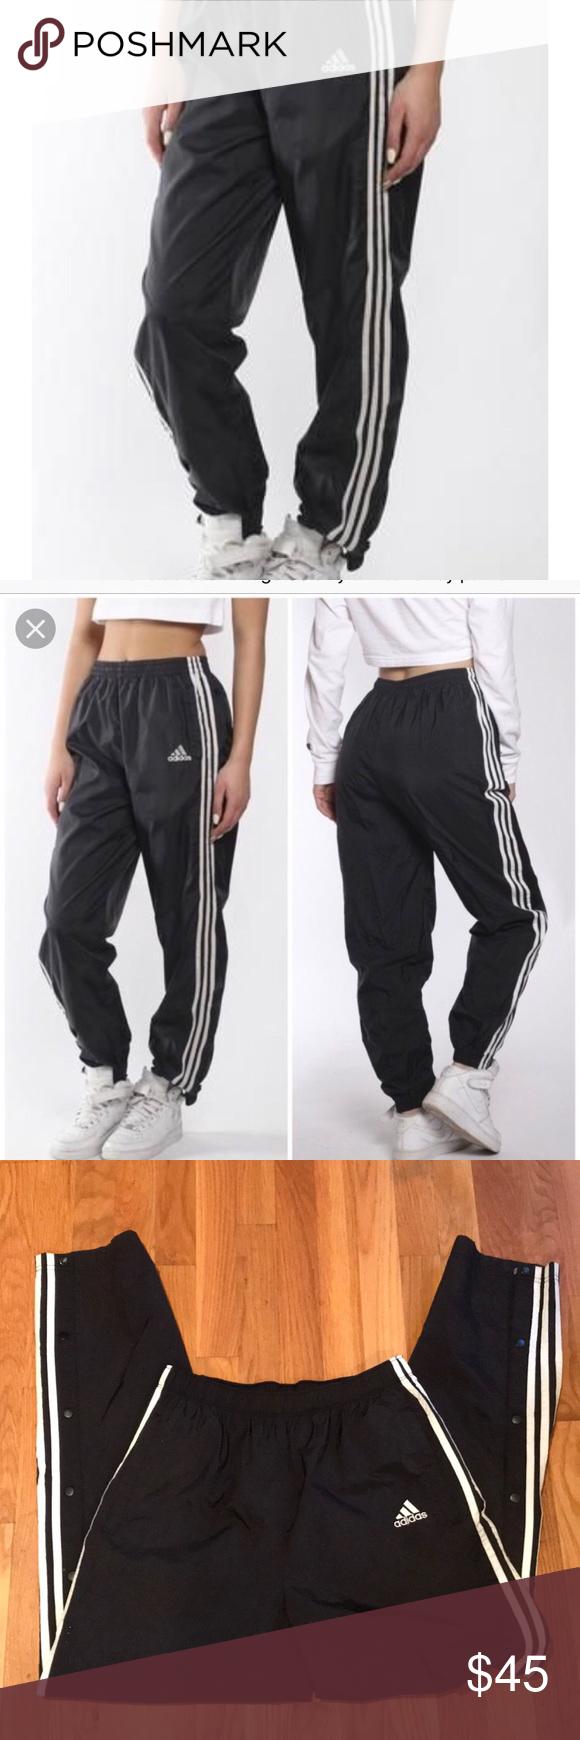 Adidas Vintage Black Tear Away Track Pants Lightweight